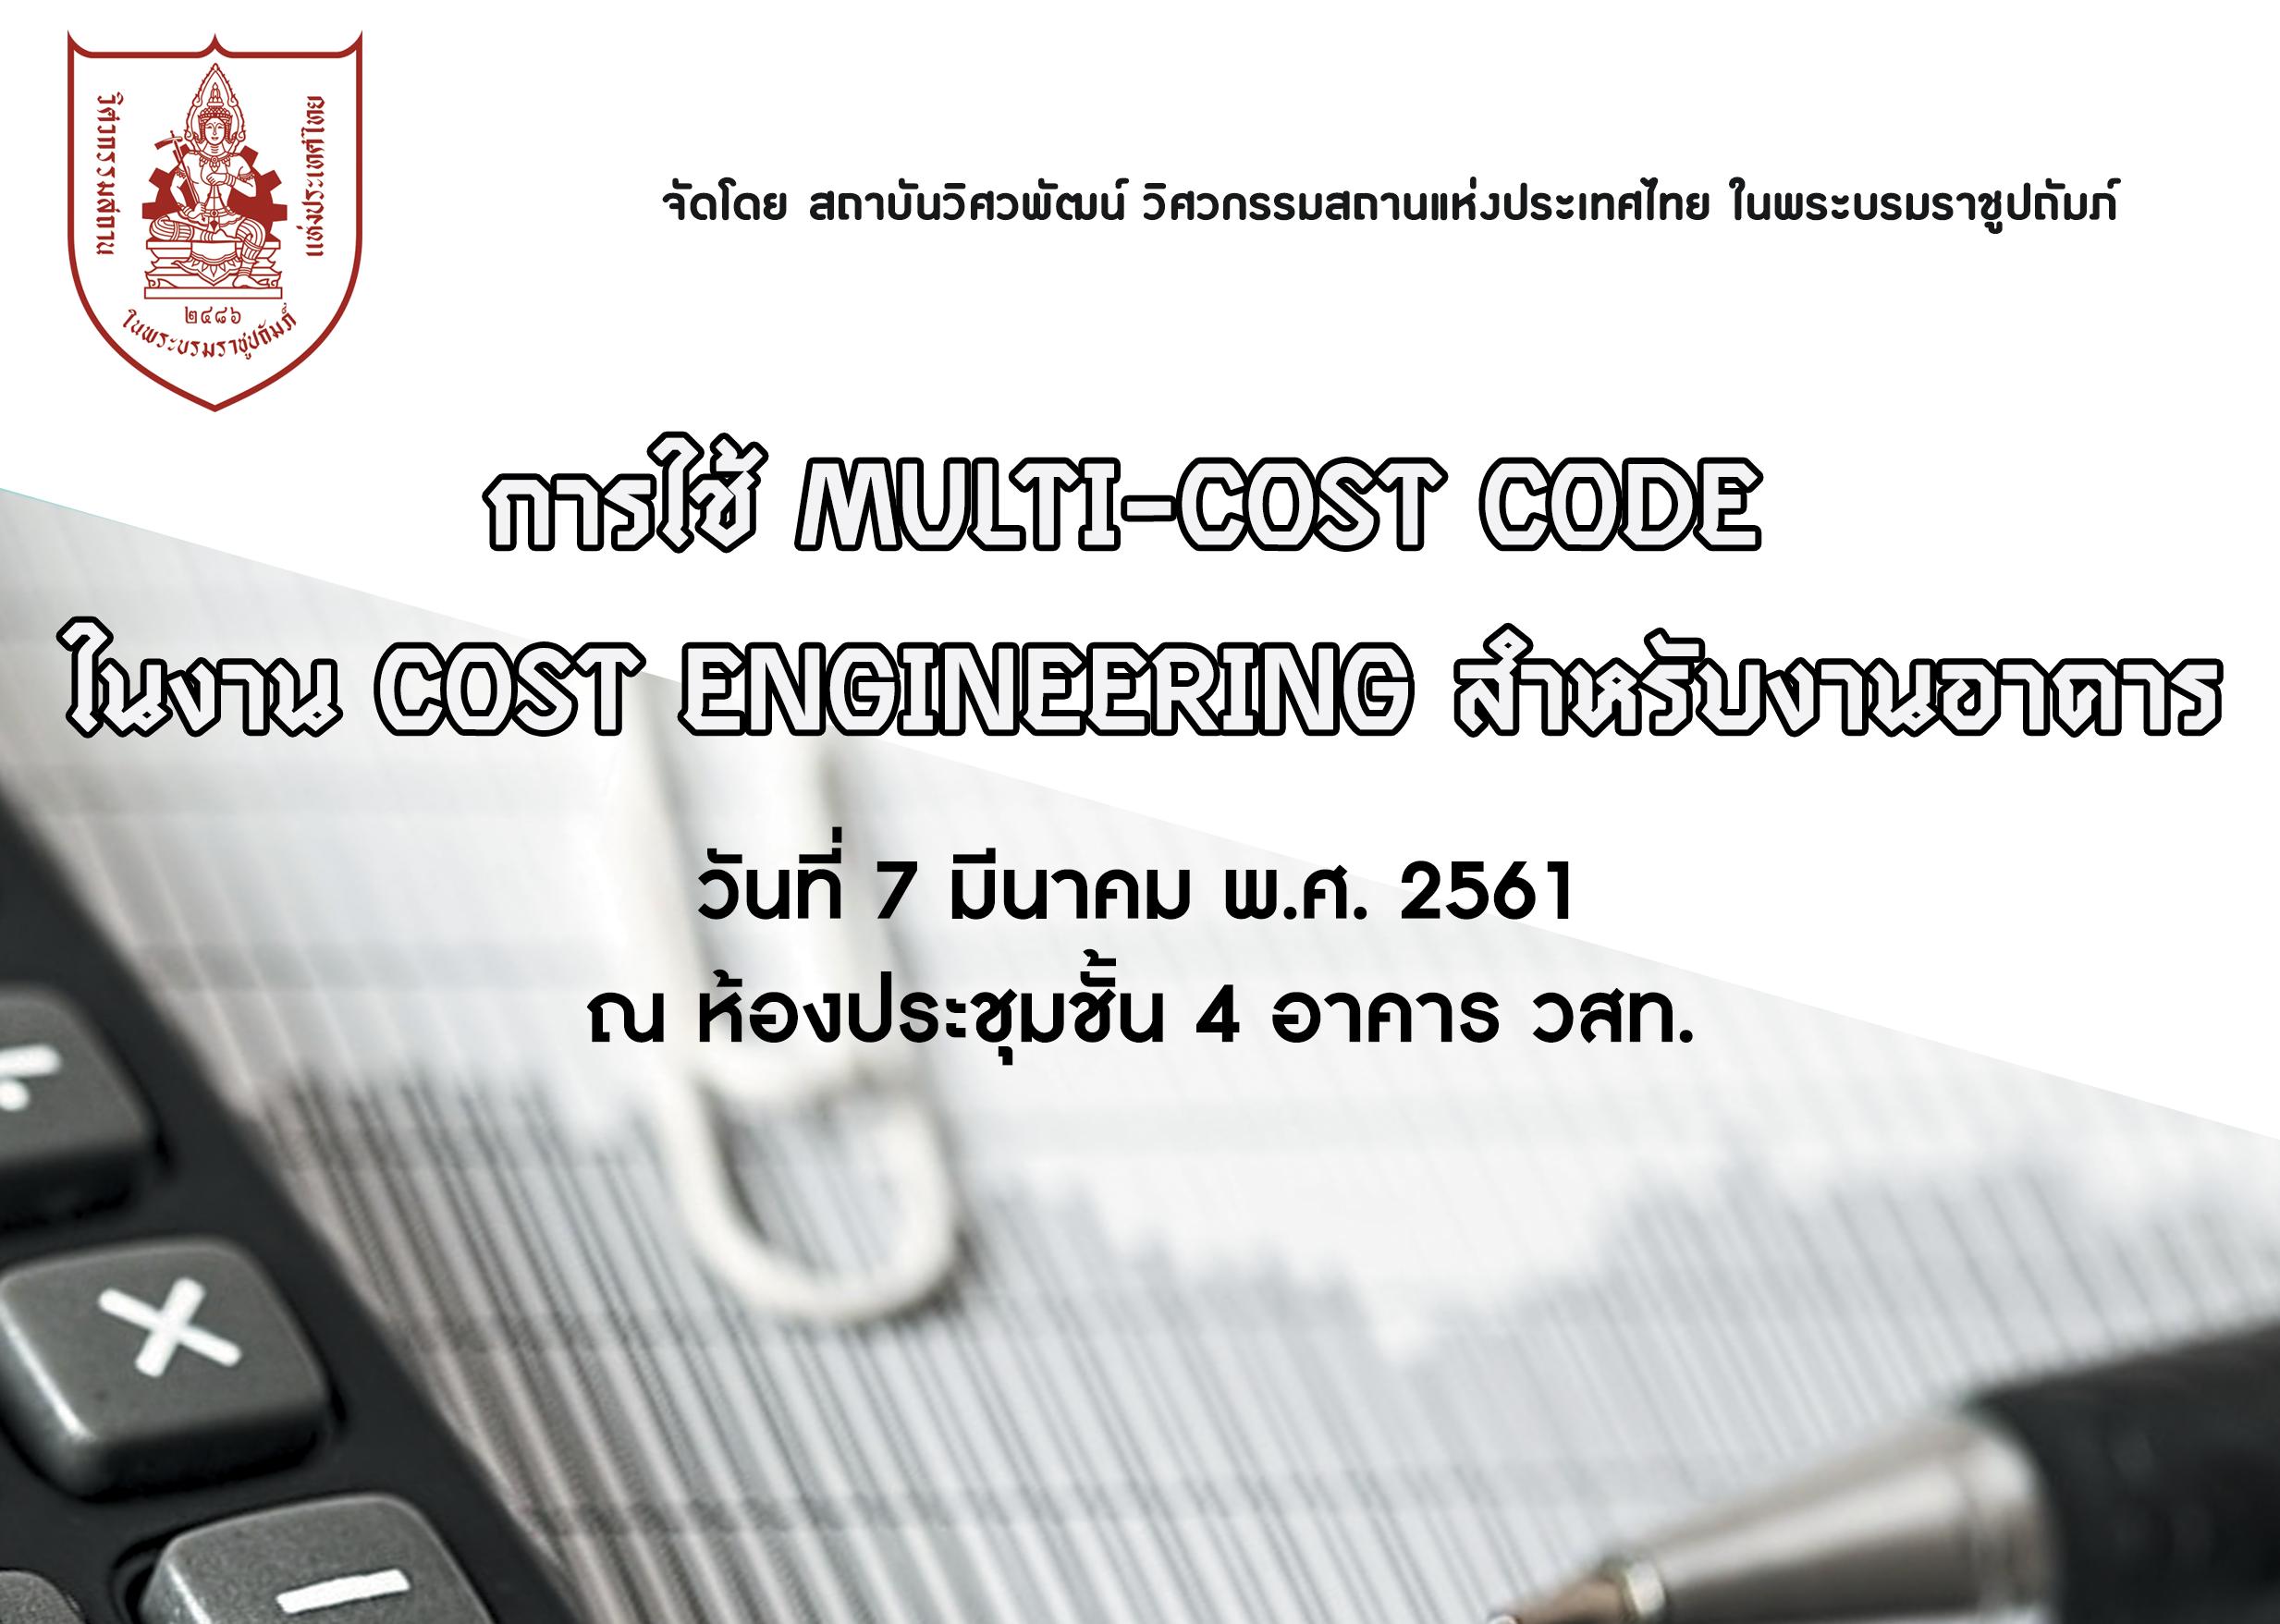 การใช้ MULTI-COST CODE ในงาน COST ENGINEERING สำหรับงานอาคาร  รุ่นที่ 7